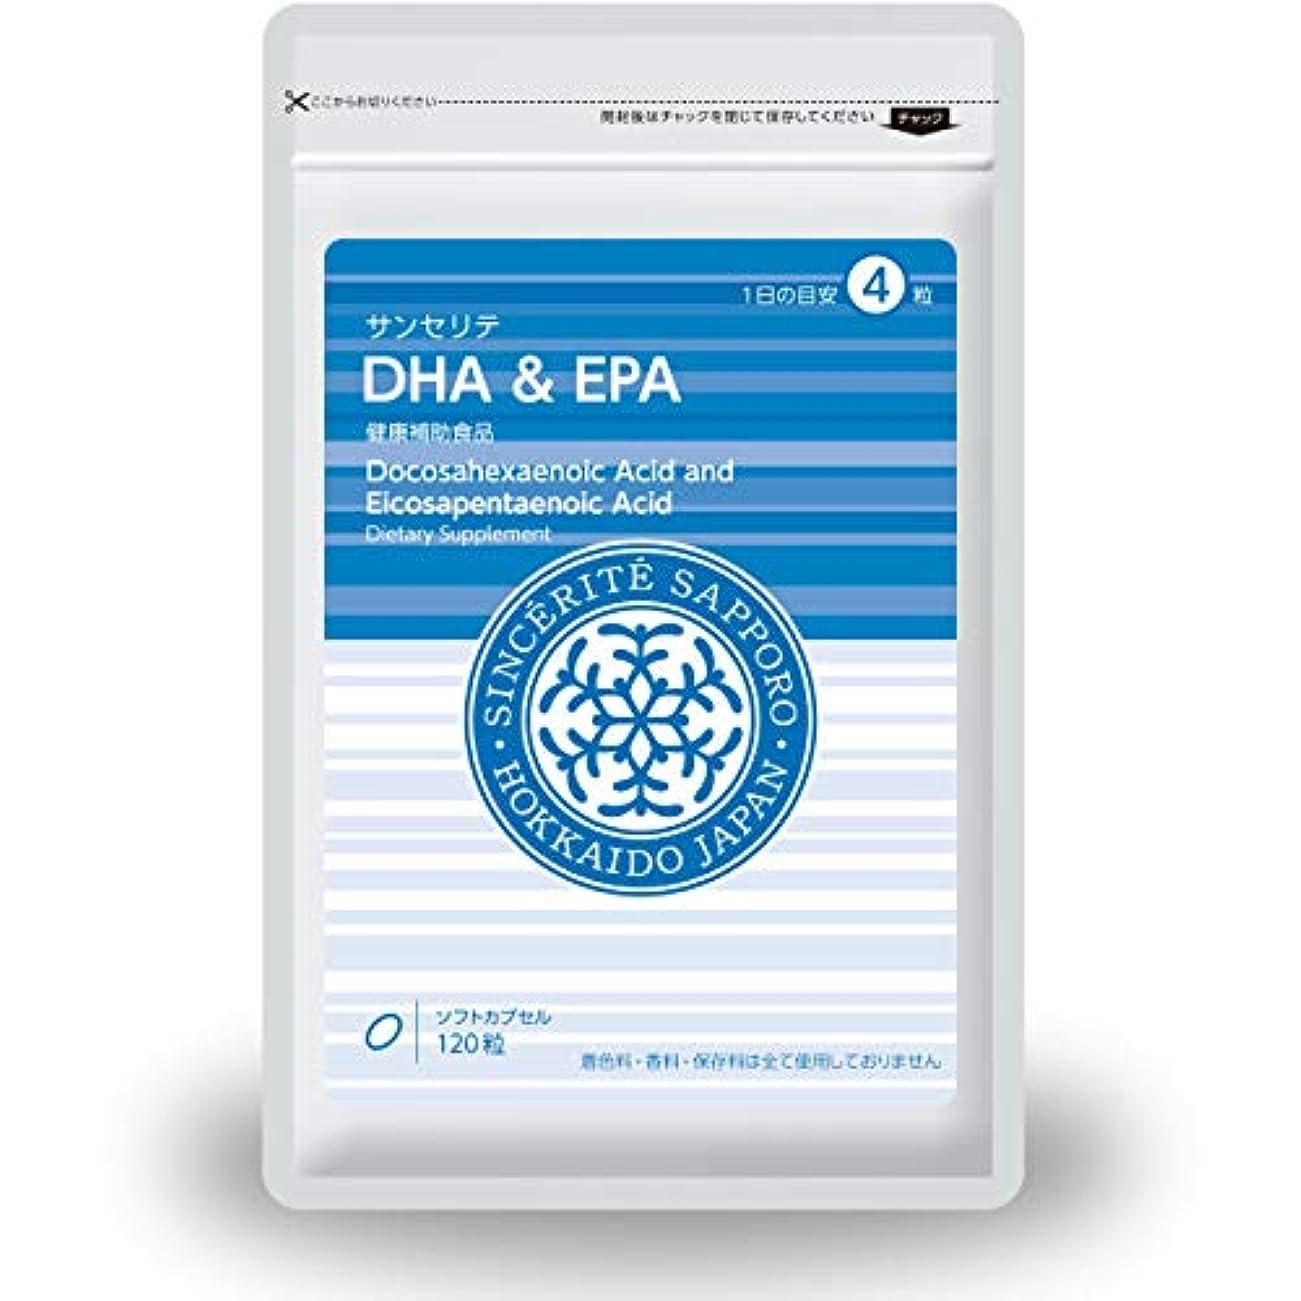 行方不明容赦ないハプニングDHA&EPA[送料無料][DHA]433mg配合[国内製造]しっかり★30日分